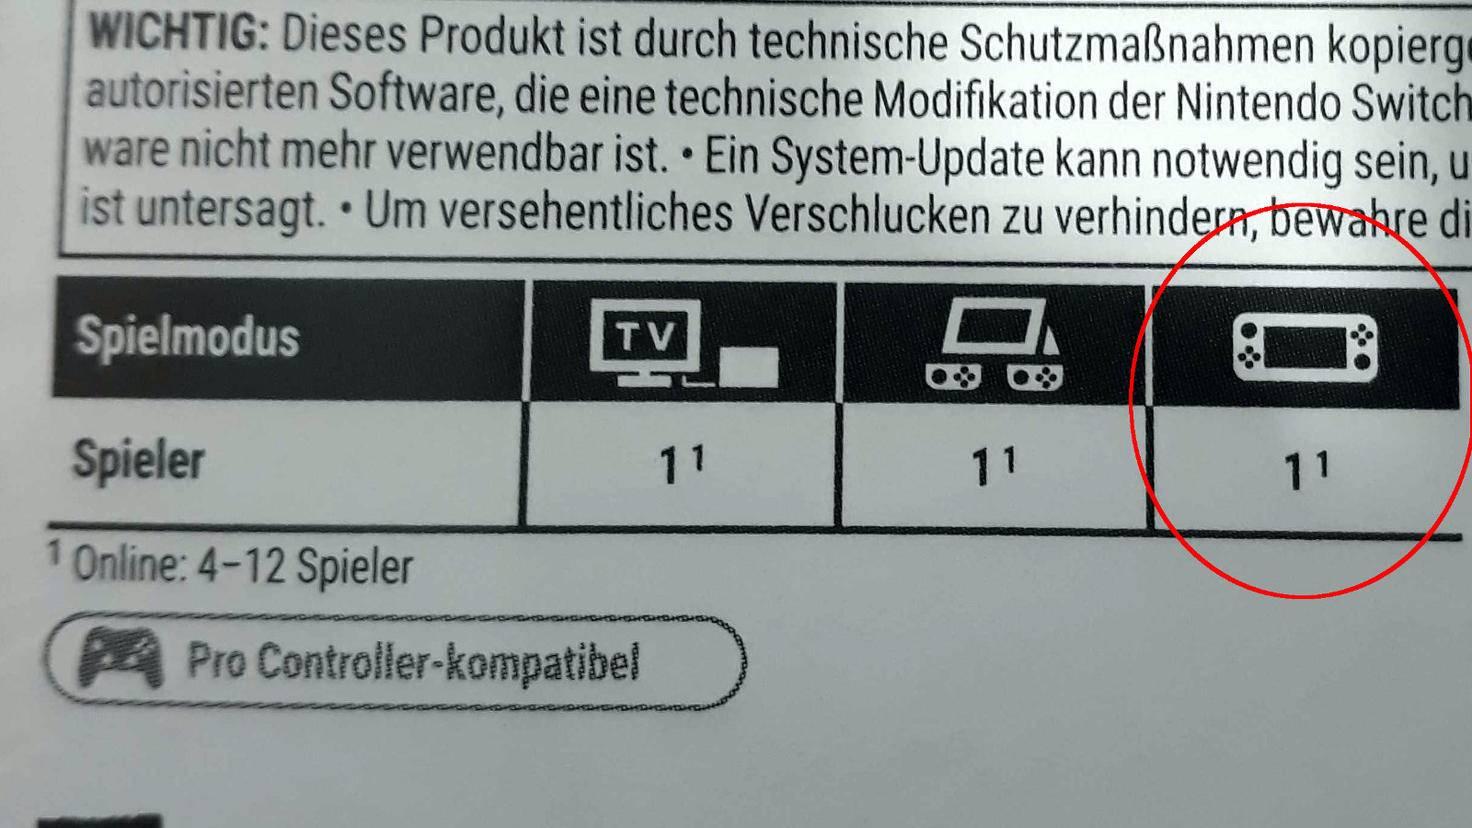 Rot markiert: Dieses Spiel ist im Handheld-Modus spielbar.